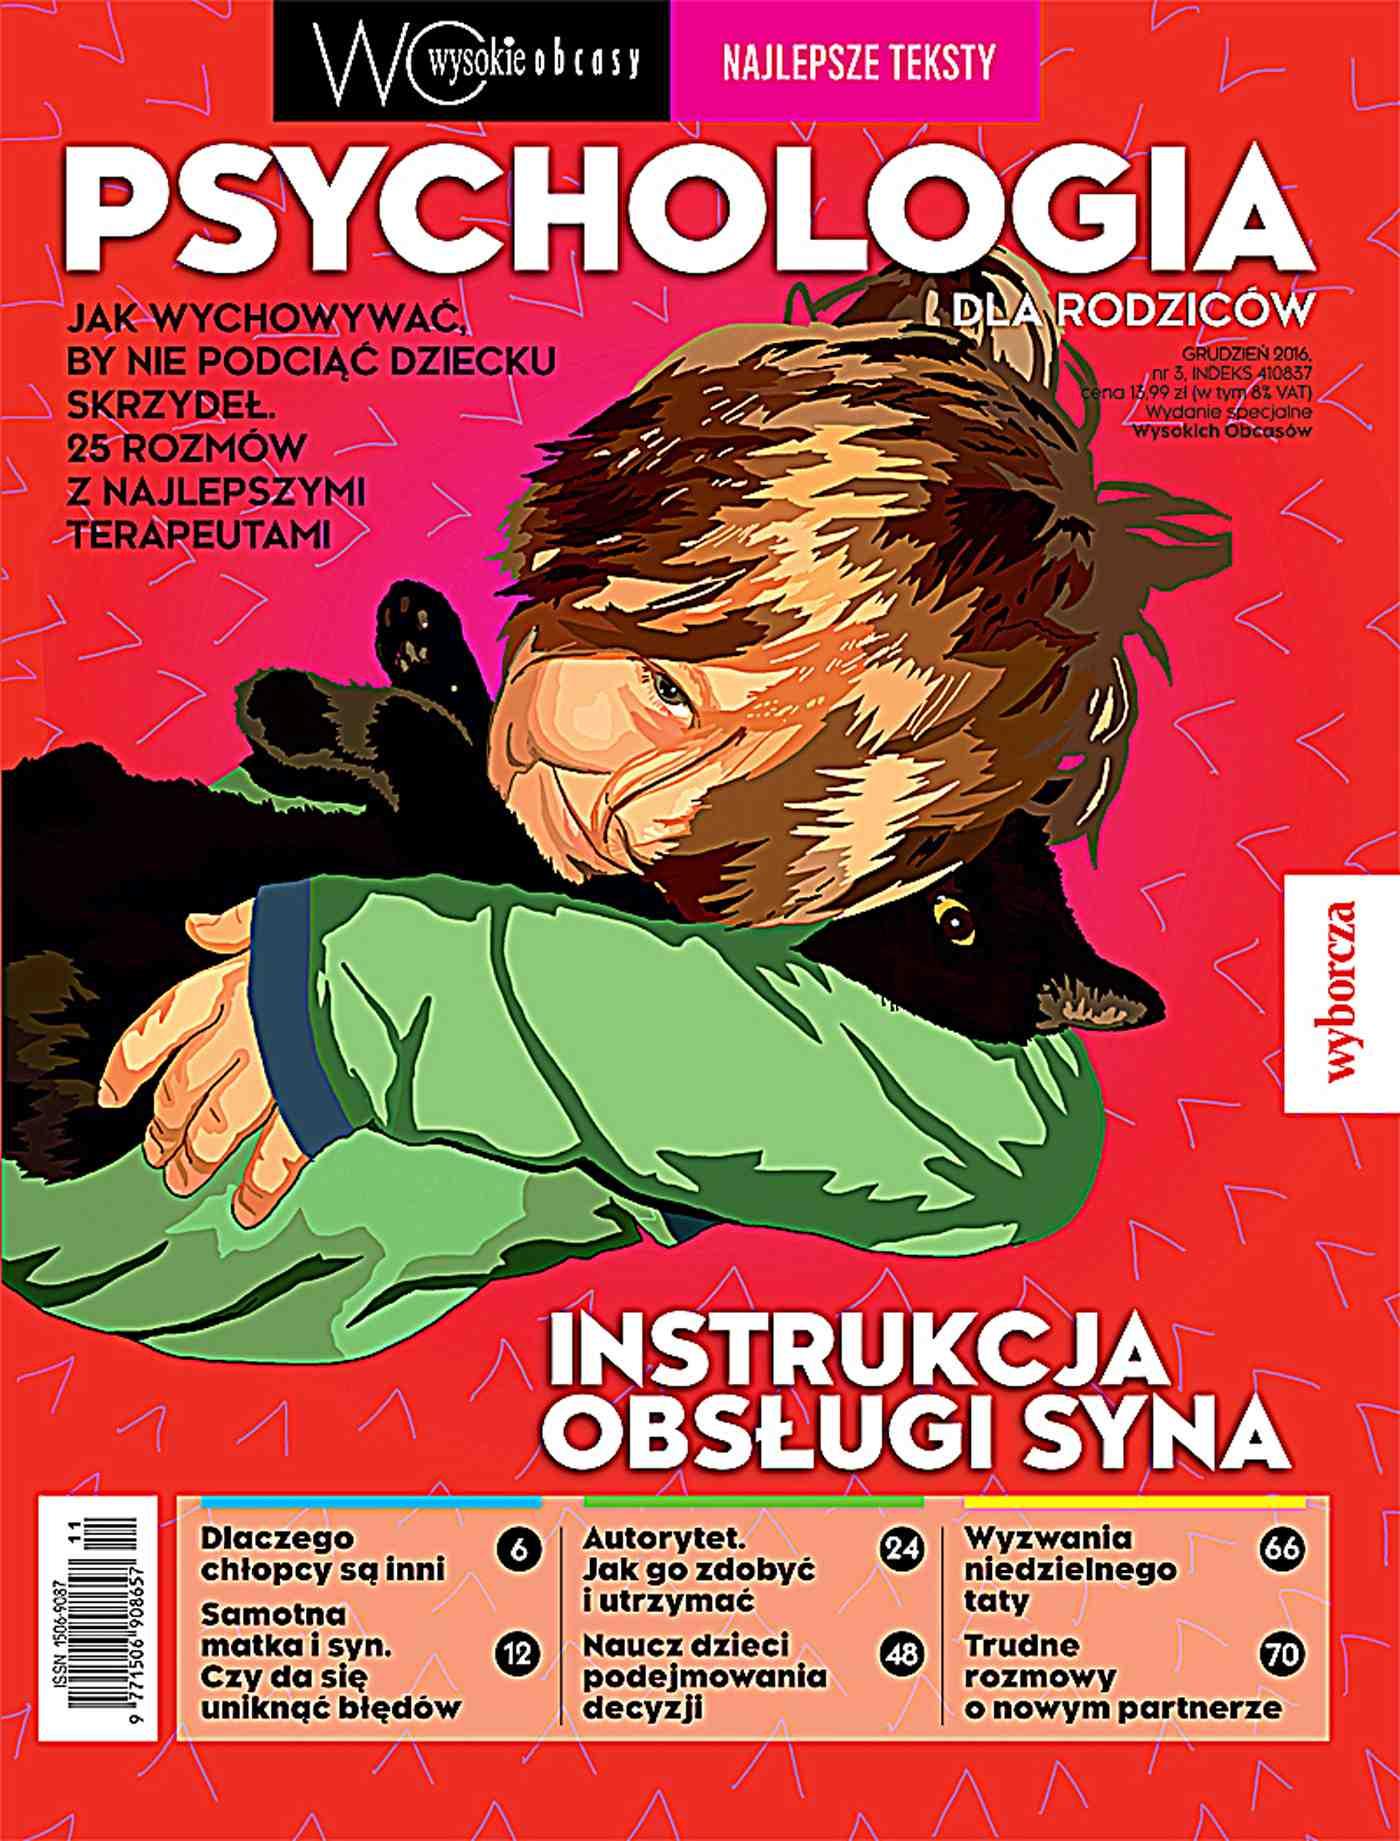 Psychologia dla rodziców 3/2016. Wysokie Obcasy. Wydanie specjalne - Ebook (Książka EPUB) do pobrania w formacie EPUB